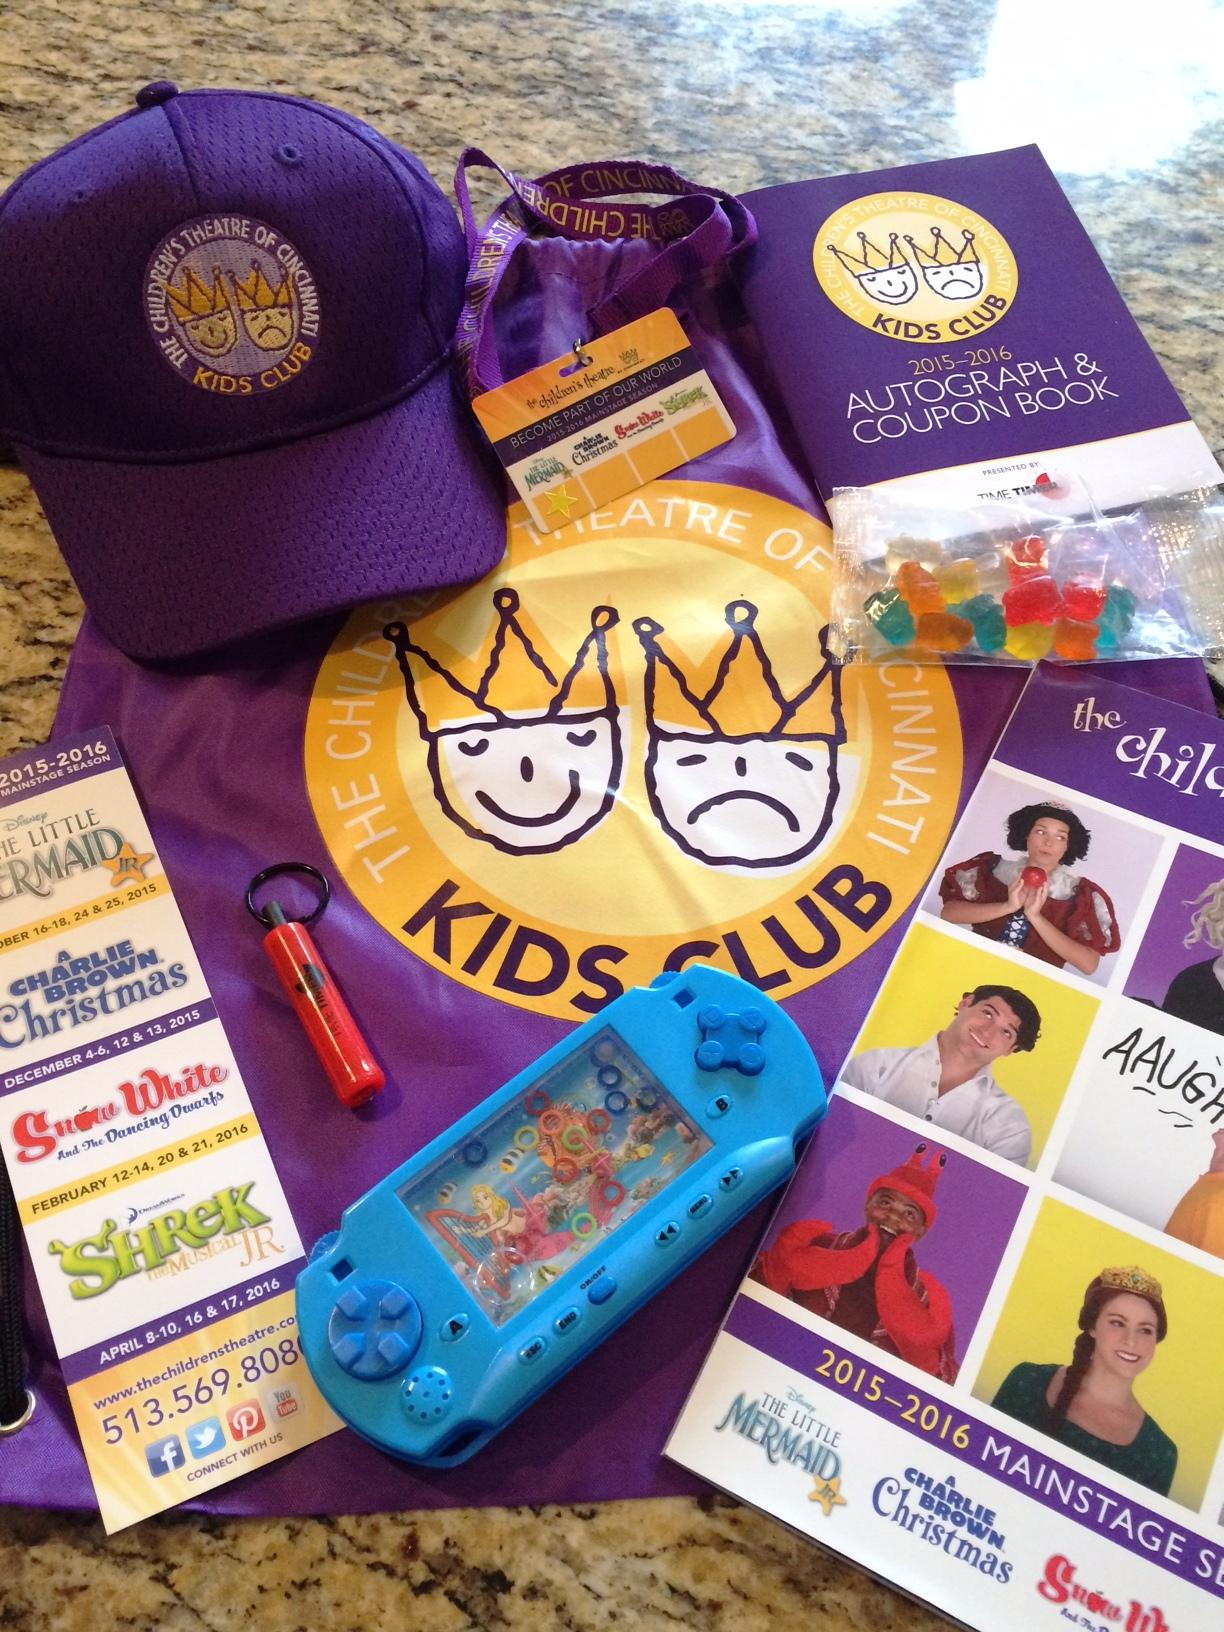 Kids Club Swag Bag